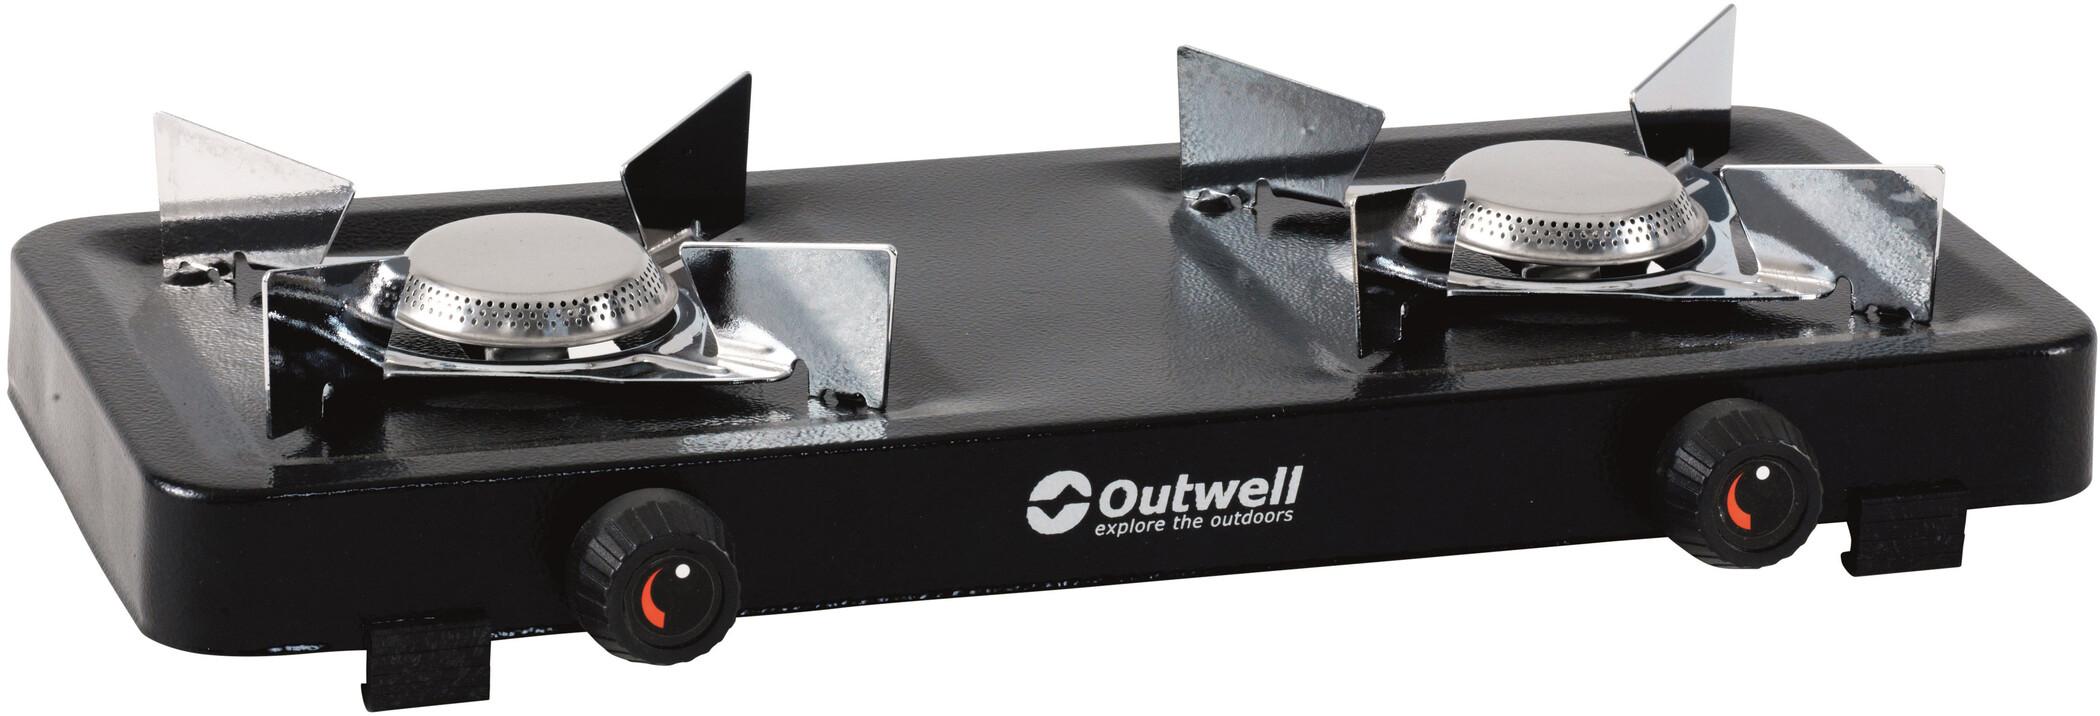 Outwell Appetizer 2 Burner Campingkoger (2019) | item_misc